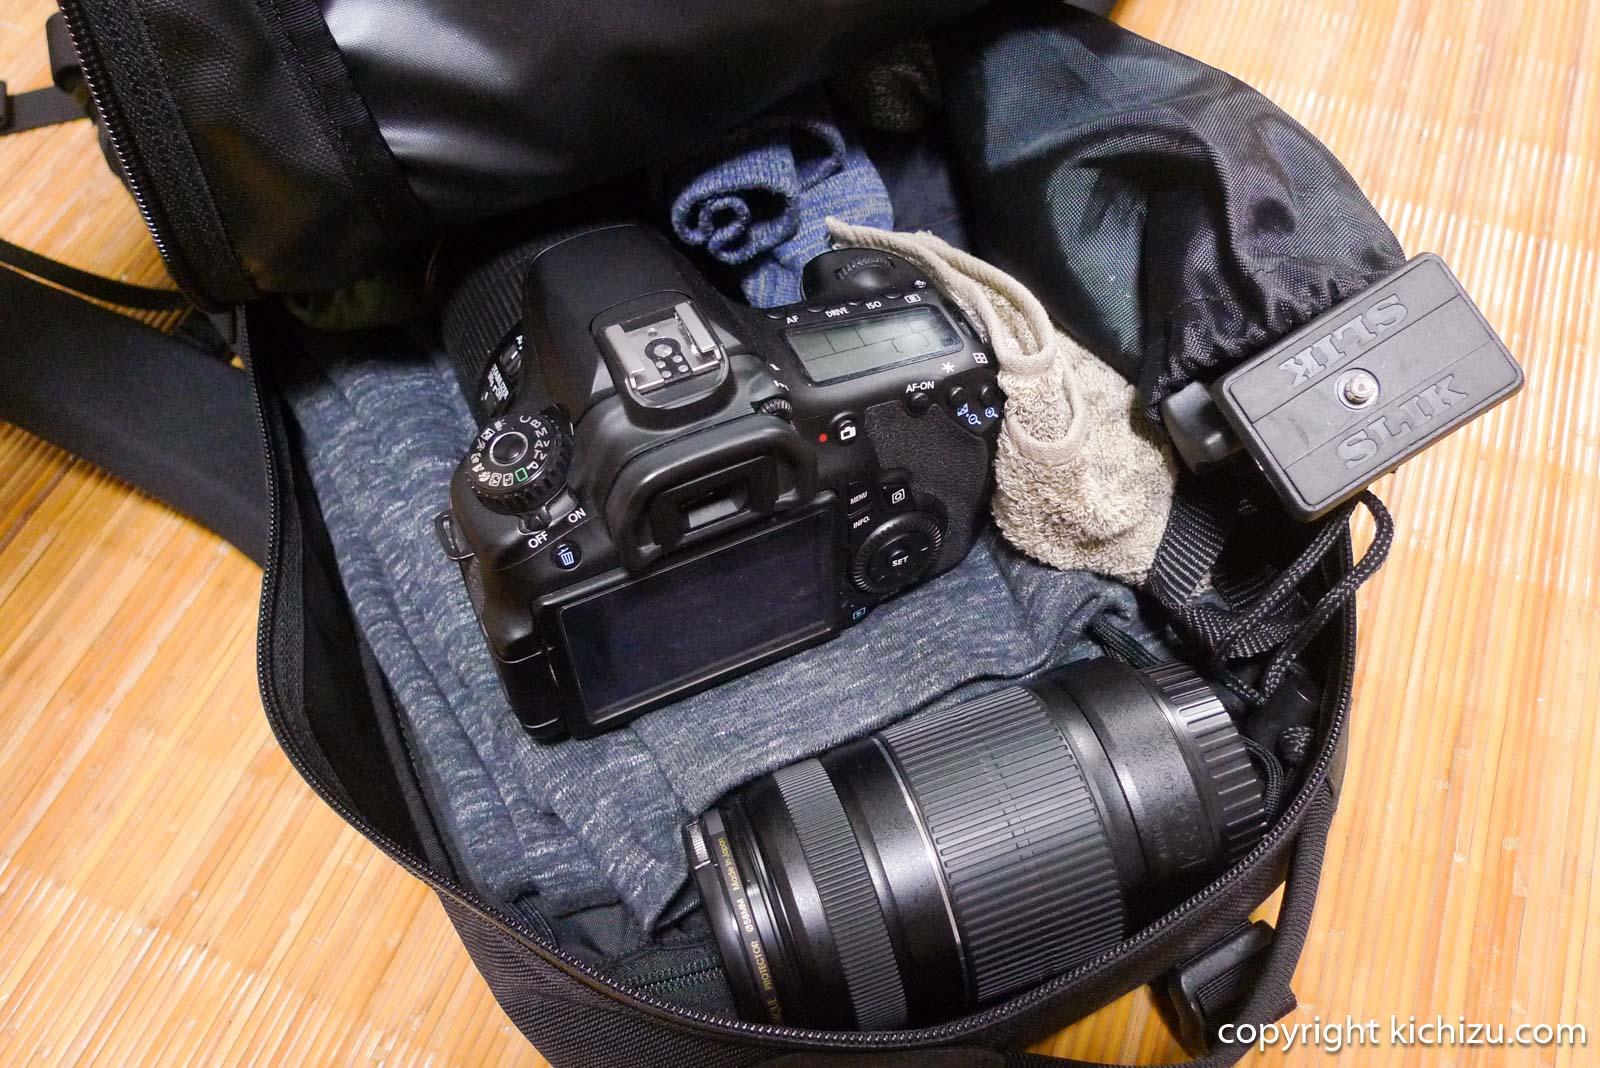 アークテリクス Arro22と一眼レフカメラ